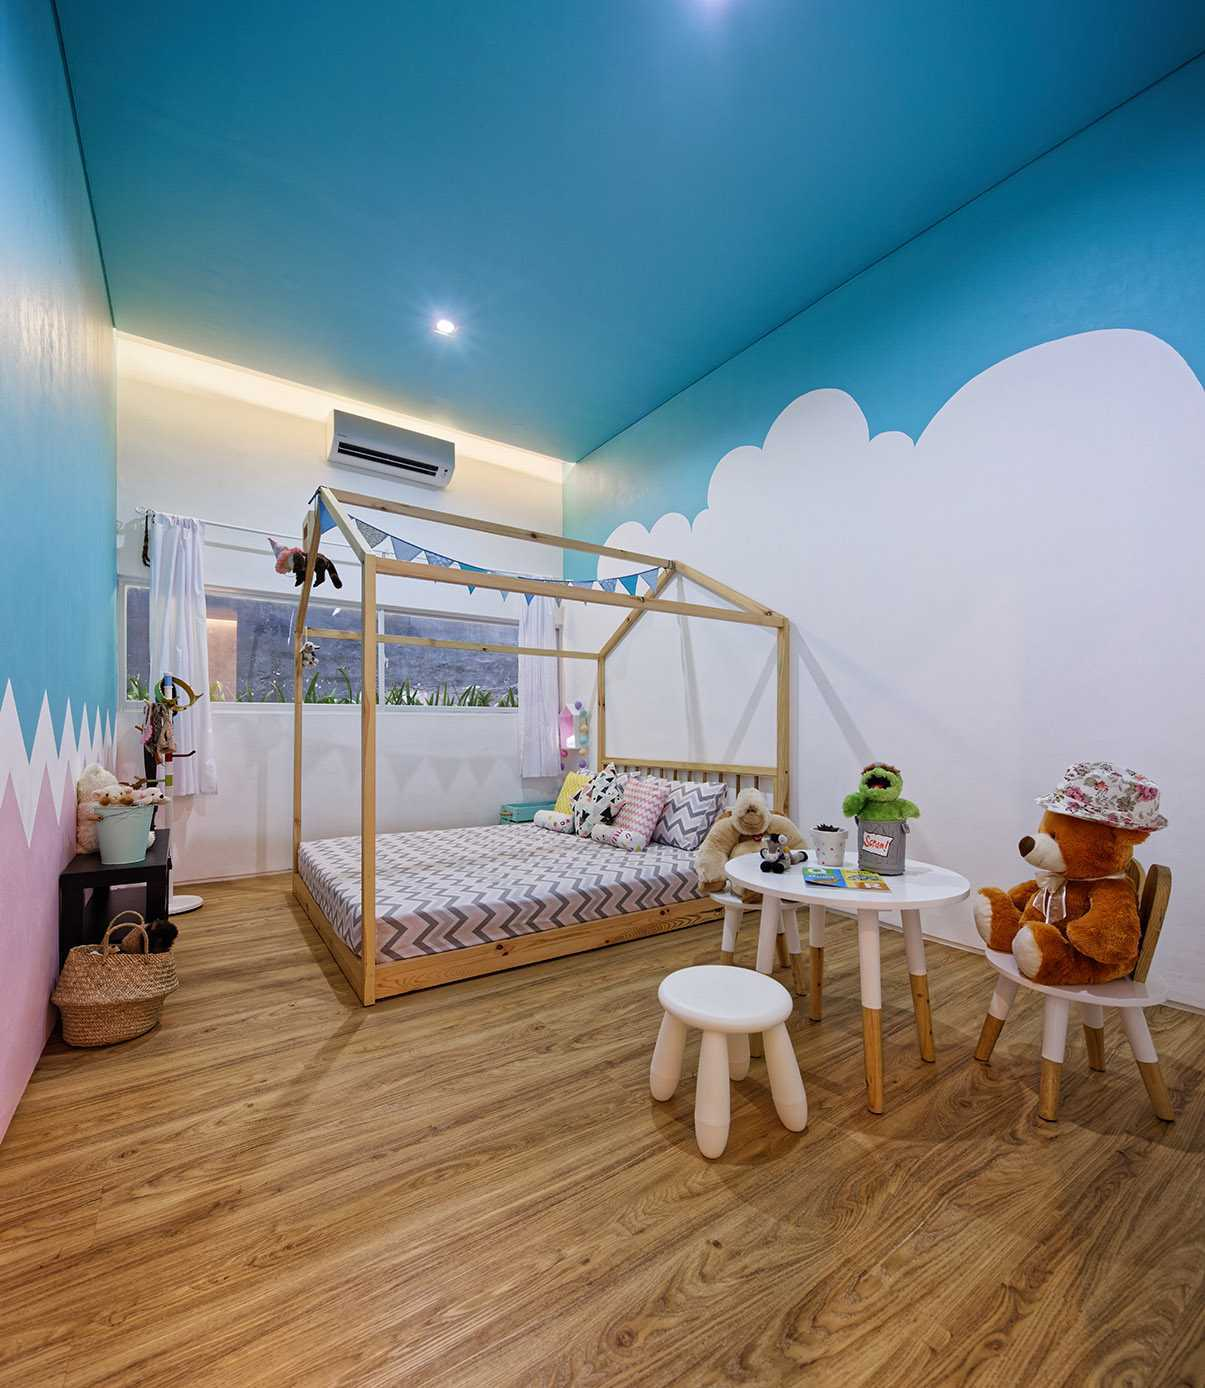 Foto inspirasi ide desain kamar tidur kontemporer Kids bedroom oleh DELUTION di Arsitag